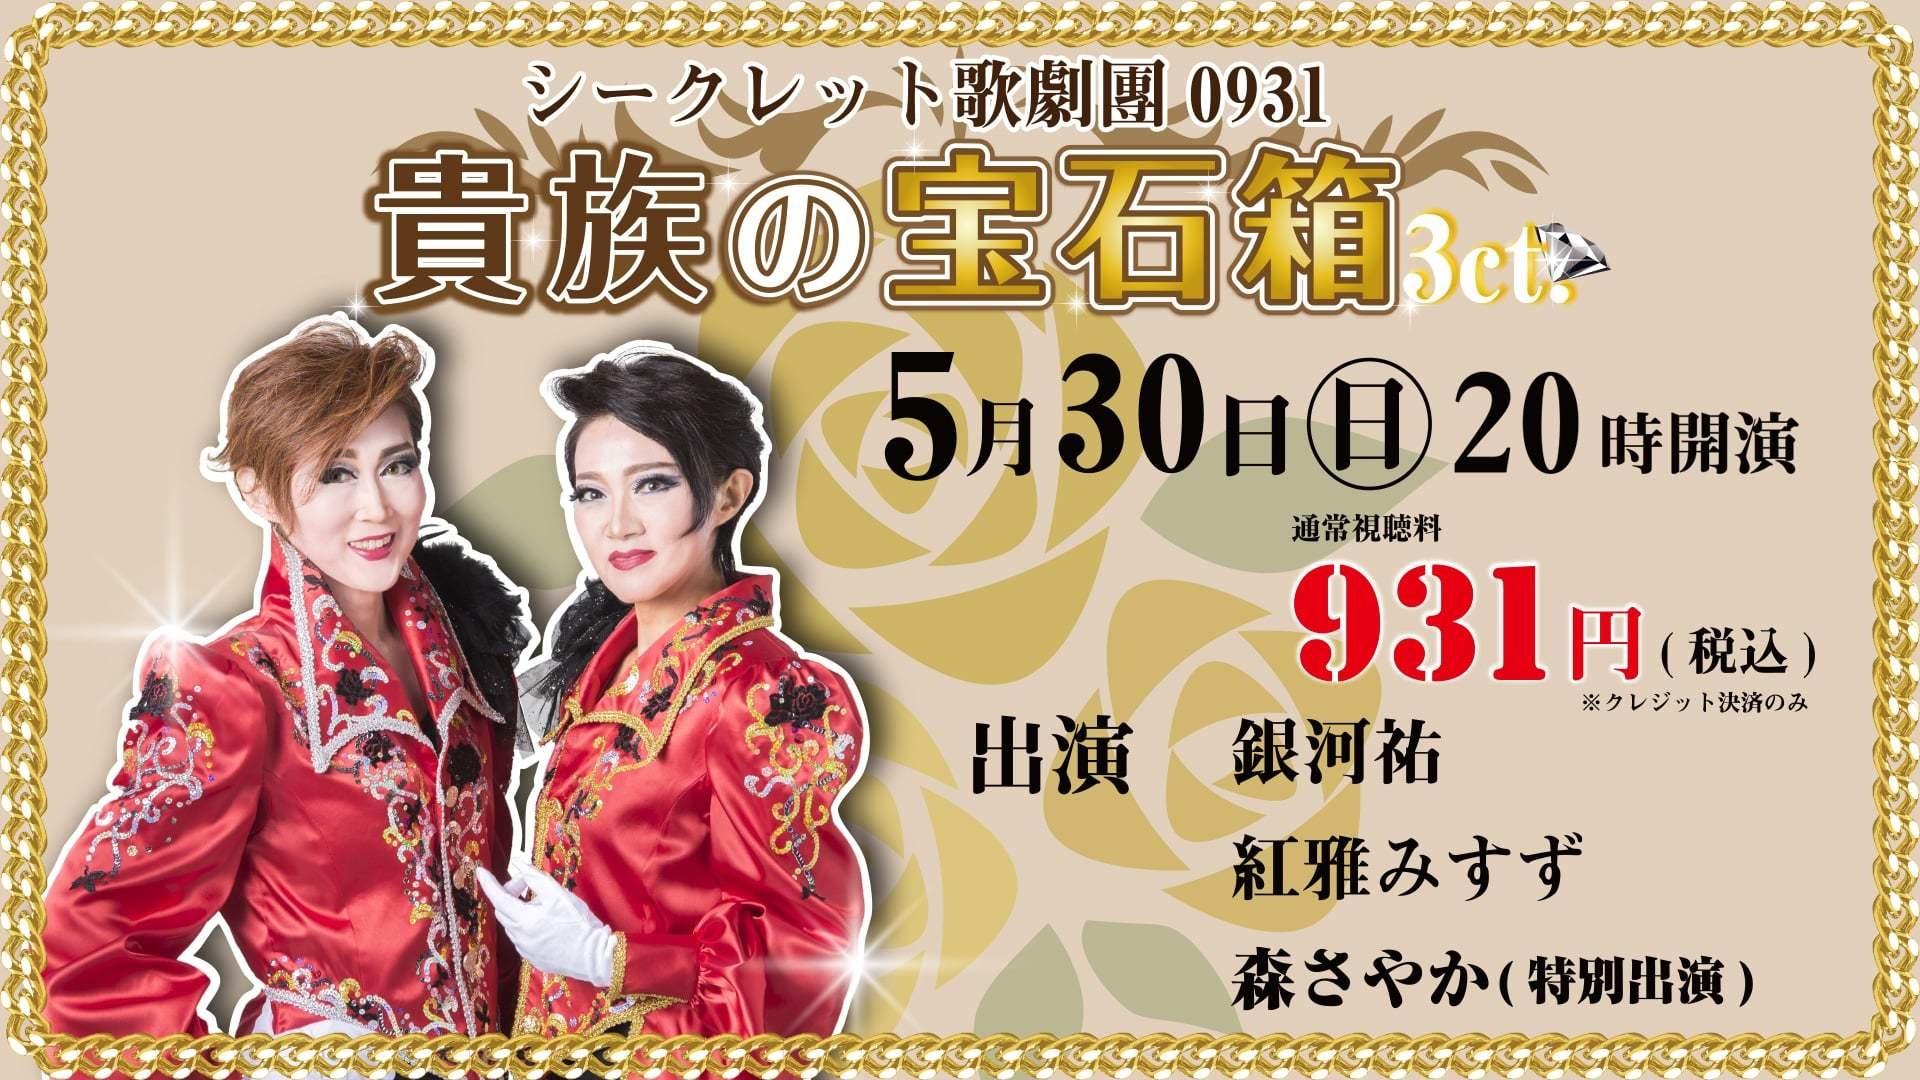 シークレット歌劇團0931 貴族の宝石箱 3ct